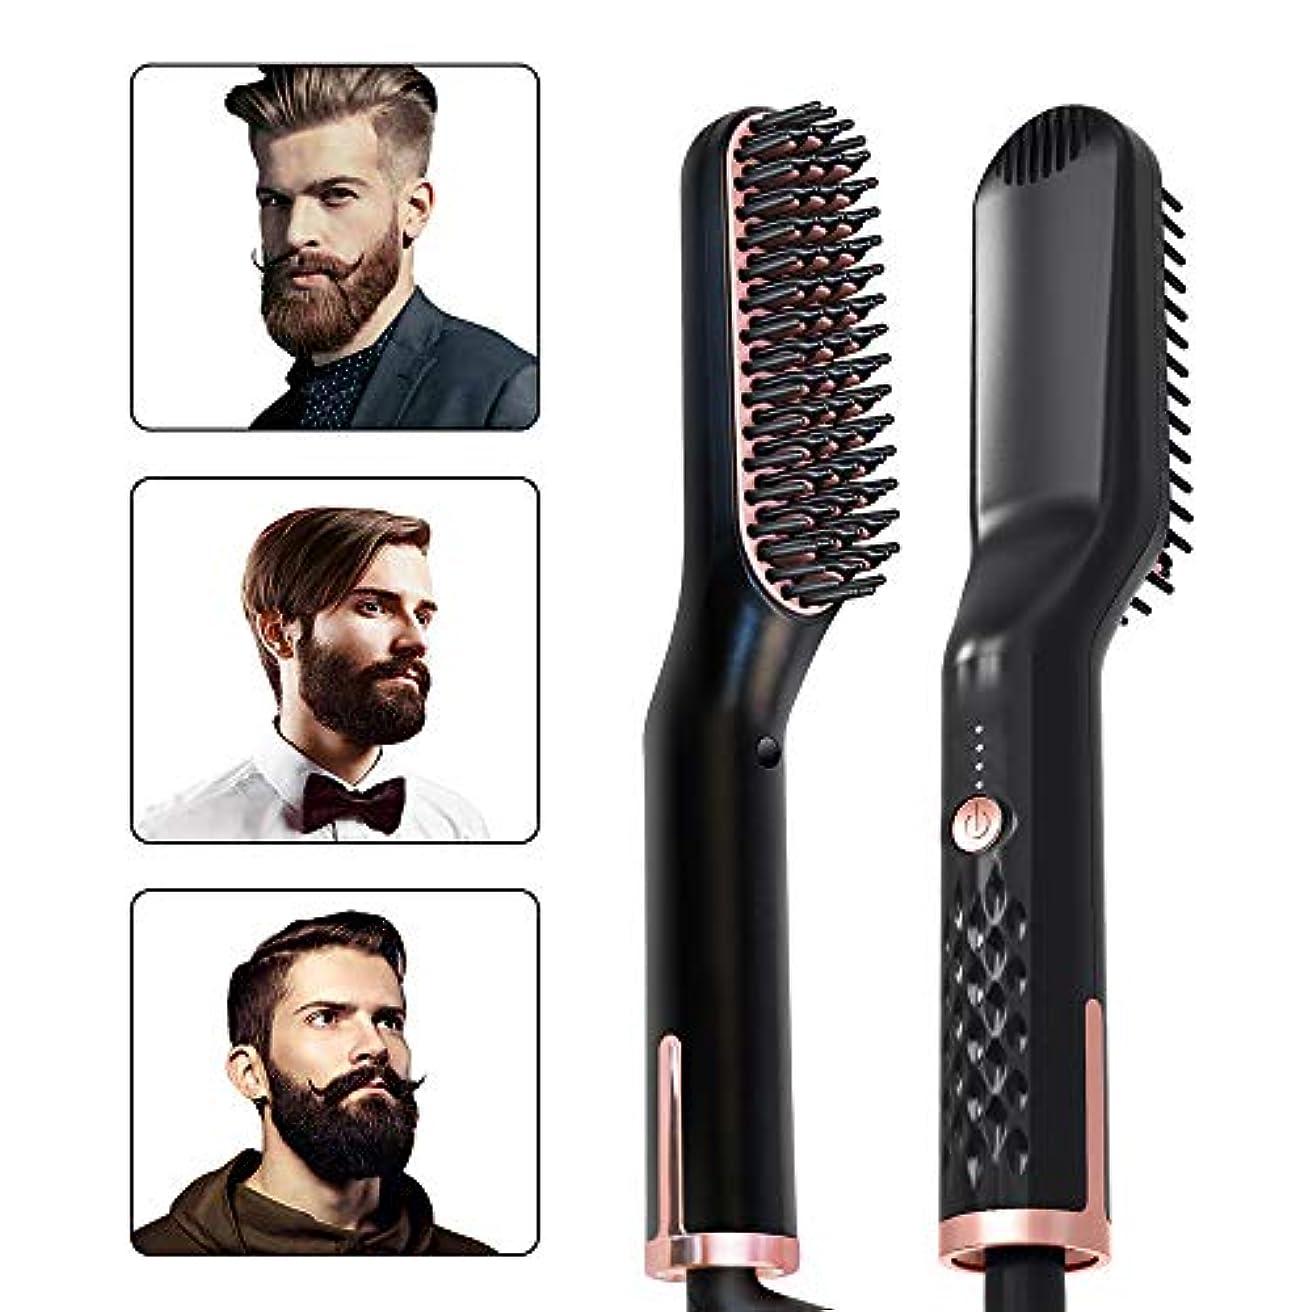 タックボイド移住するひげのくし豚毛ブラシひげの油口ひげクリームひげの水メンズスタイルストレートの髪のくし